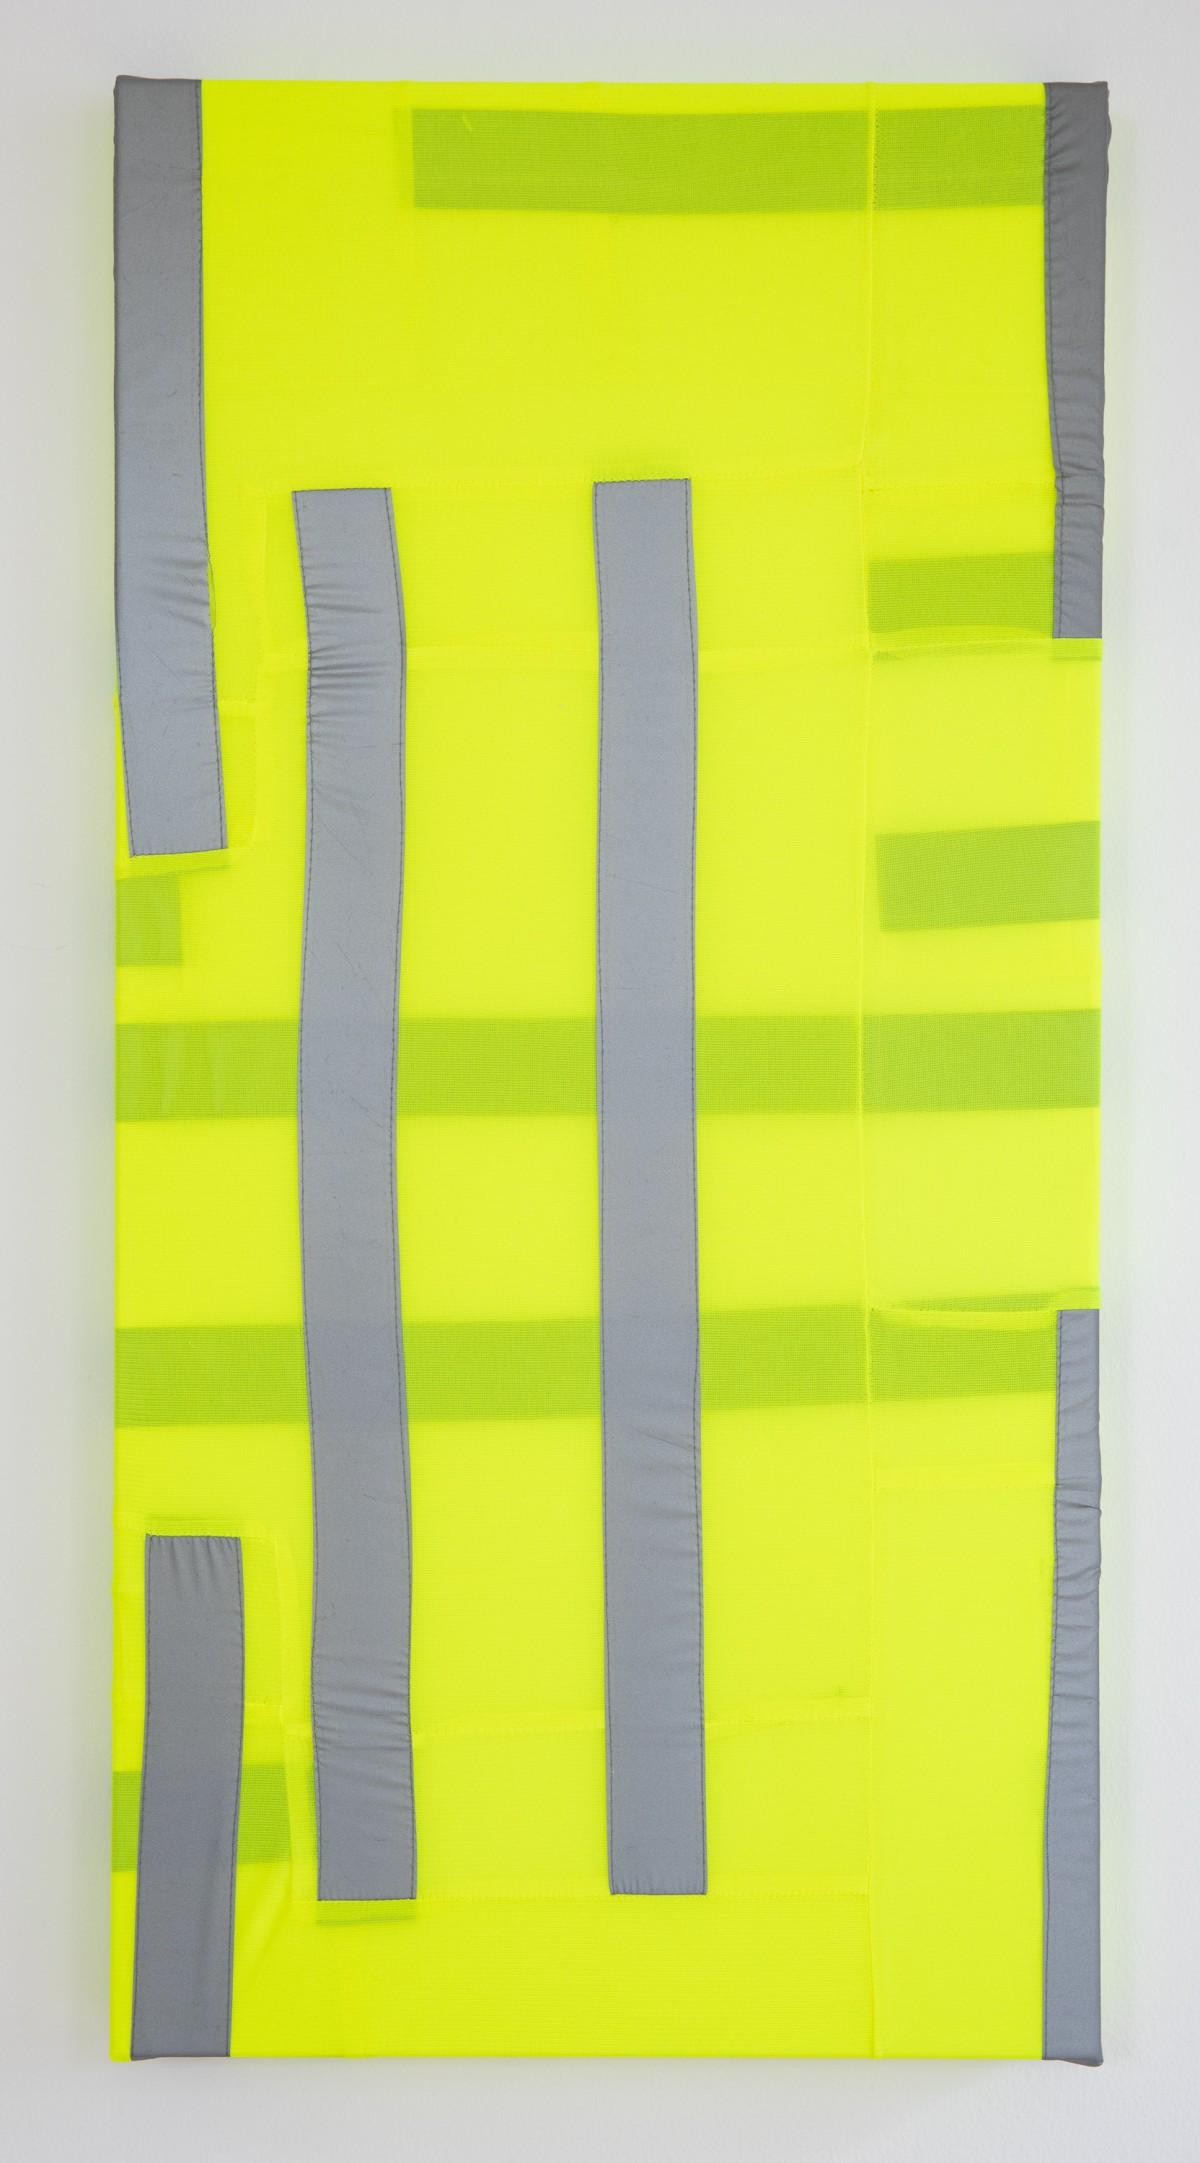 Das Unikat besteht aus einem Keilrahmen und Warnwesten. Diese wurden darauf angebracht.